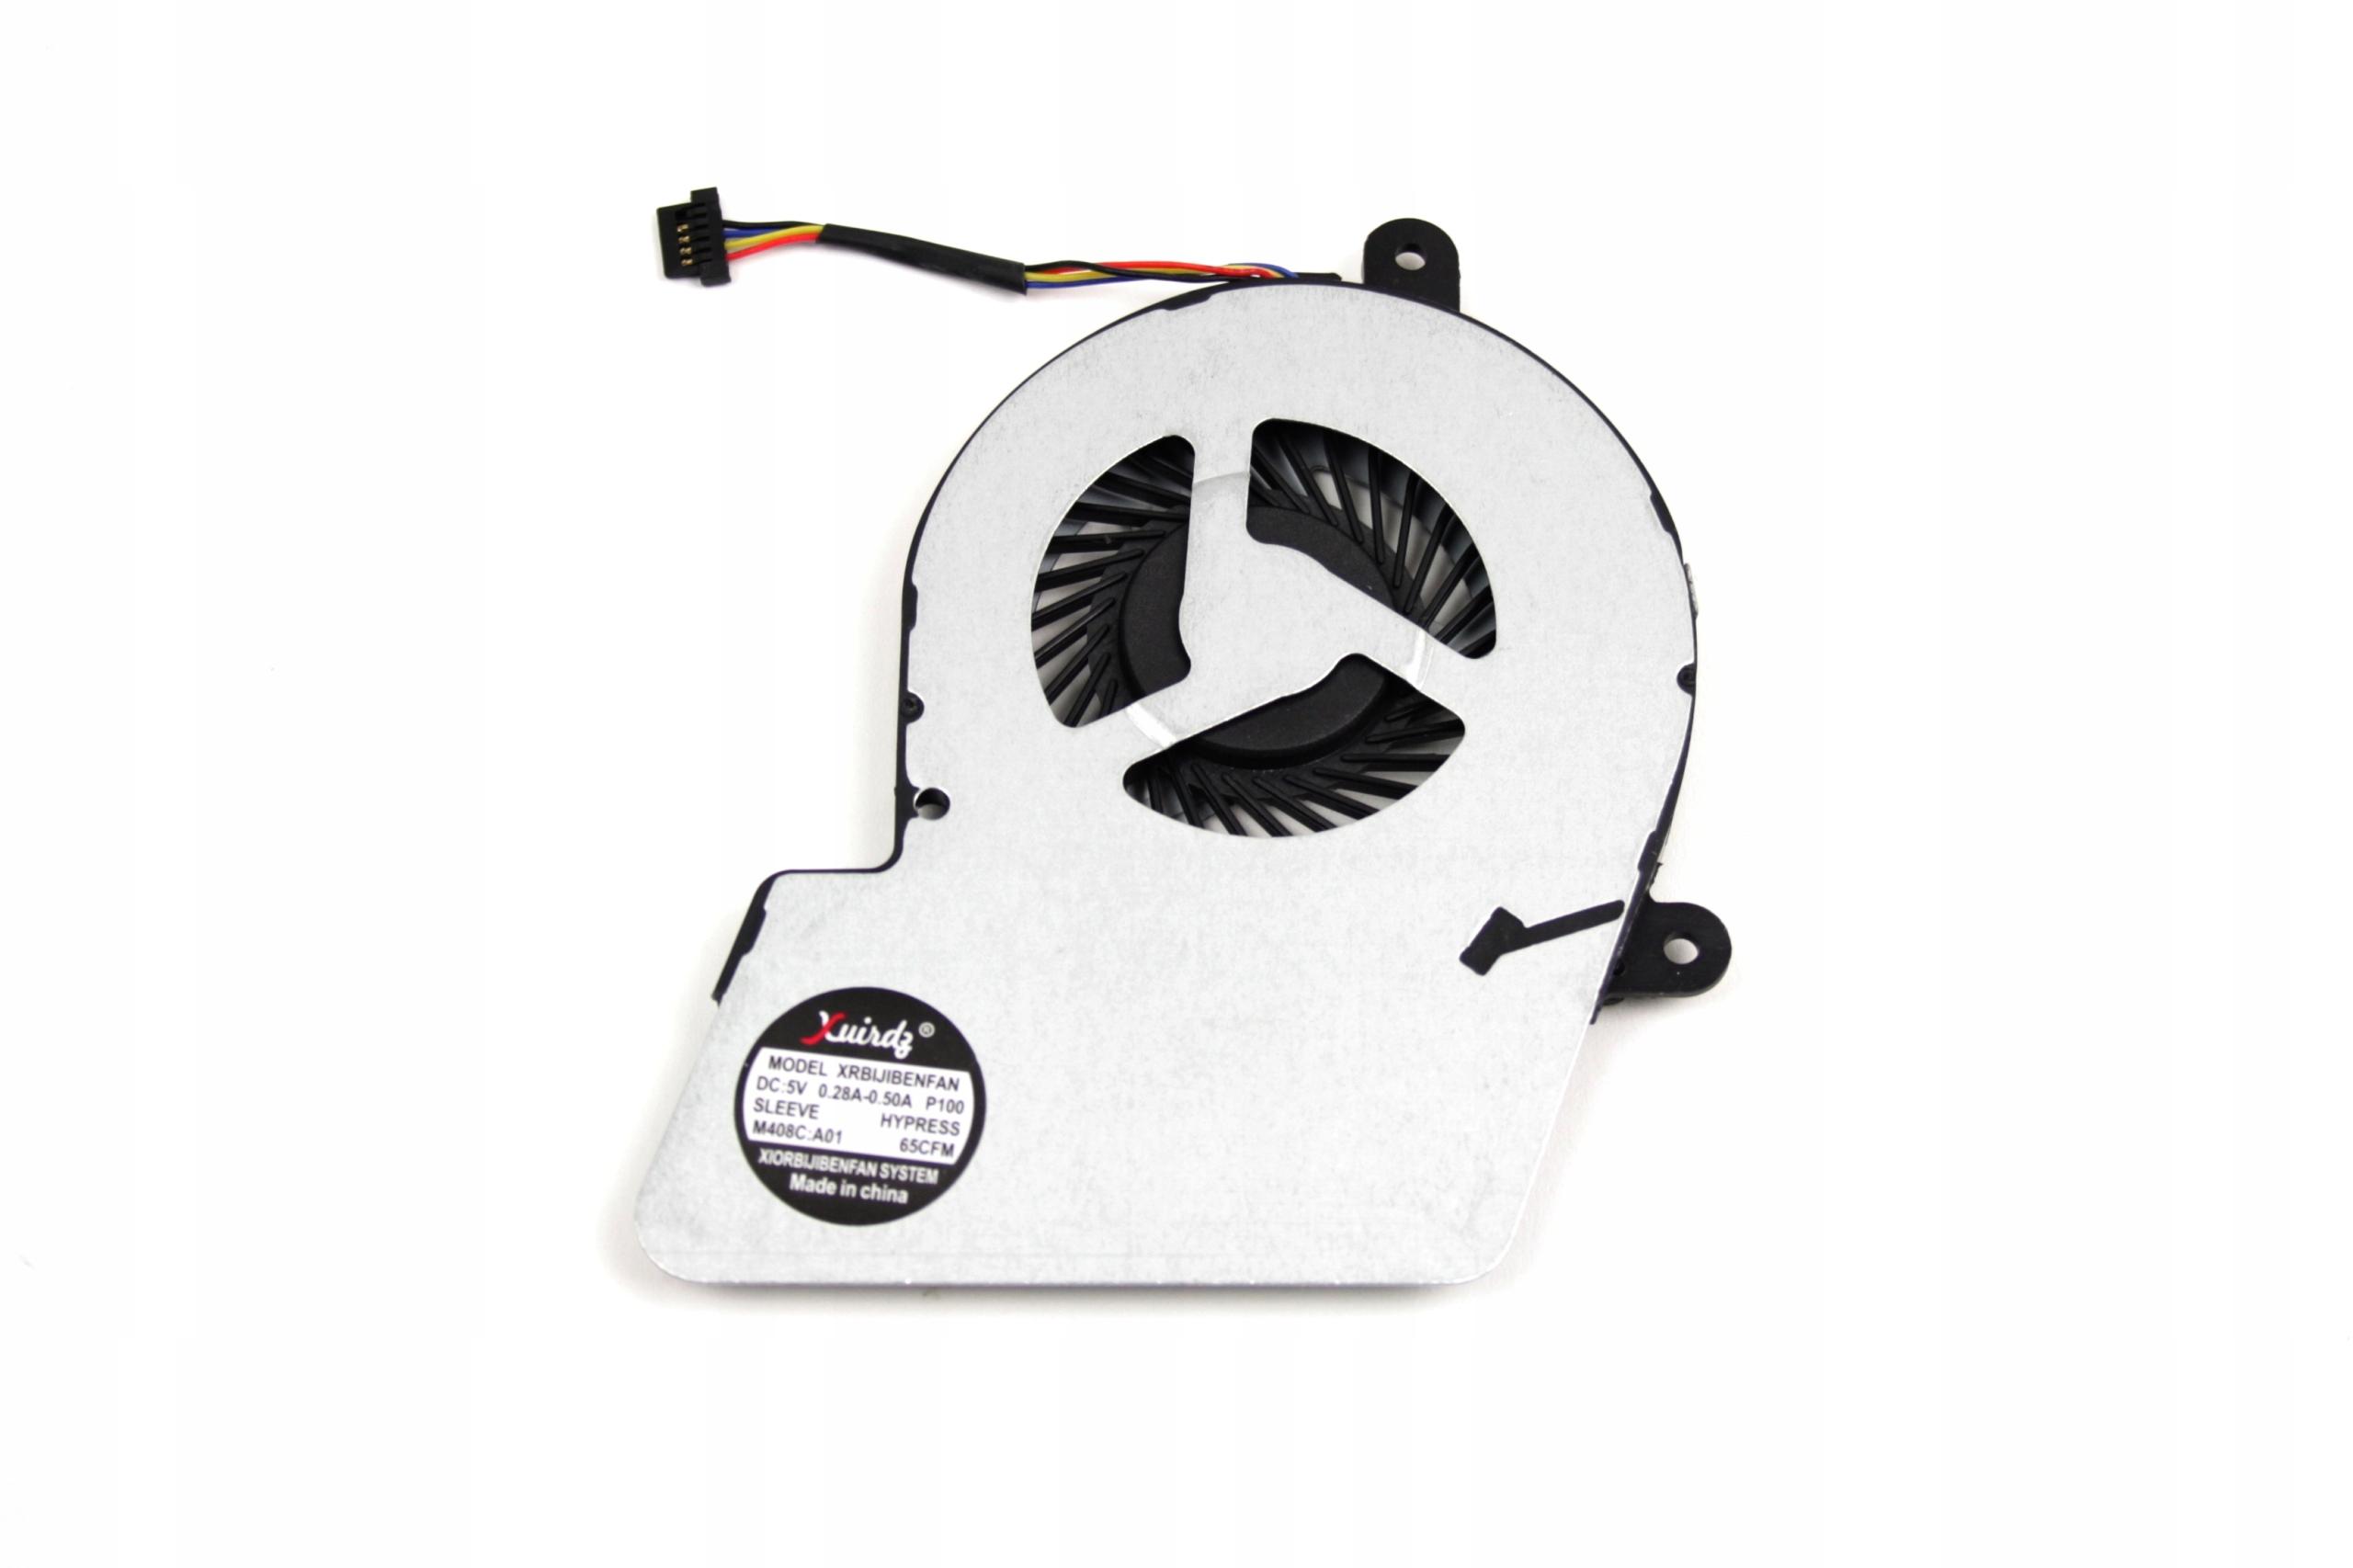 WENTYLATOR TOSHIBA SATELLITE U900 U940 U945 U945D